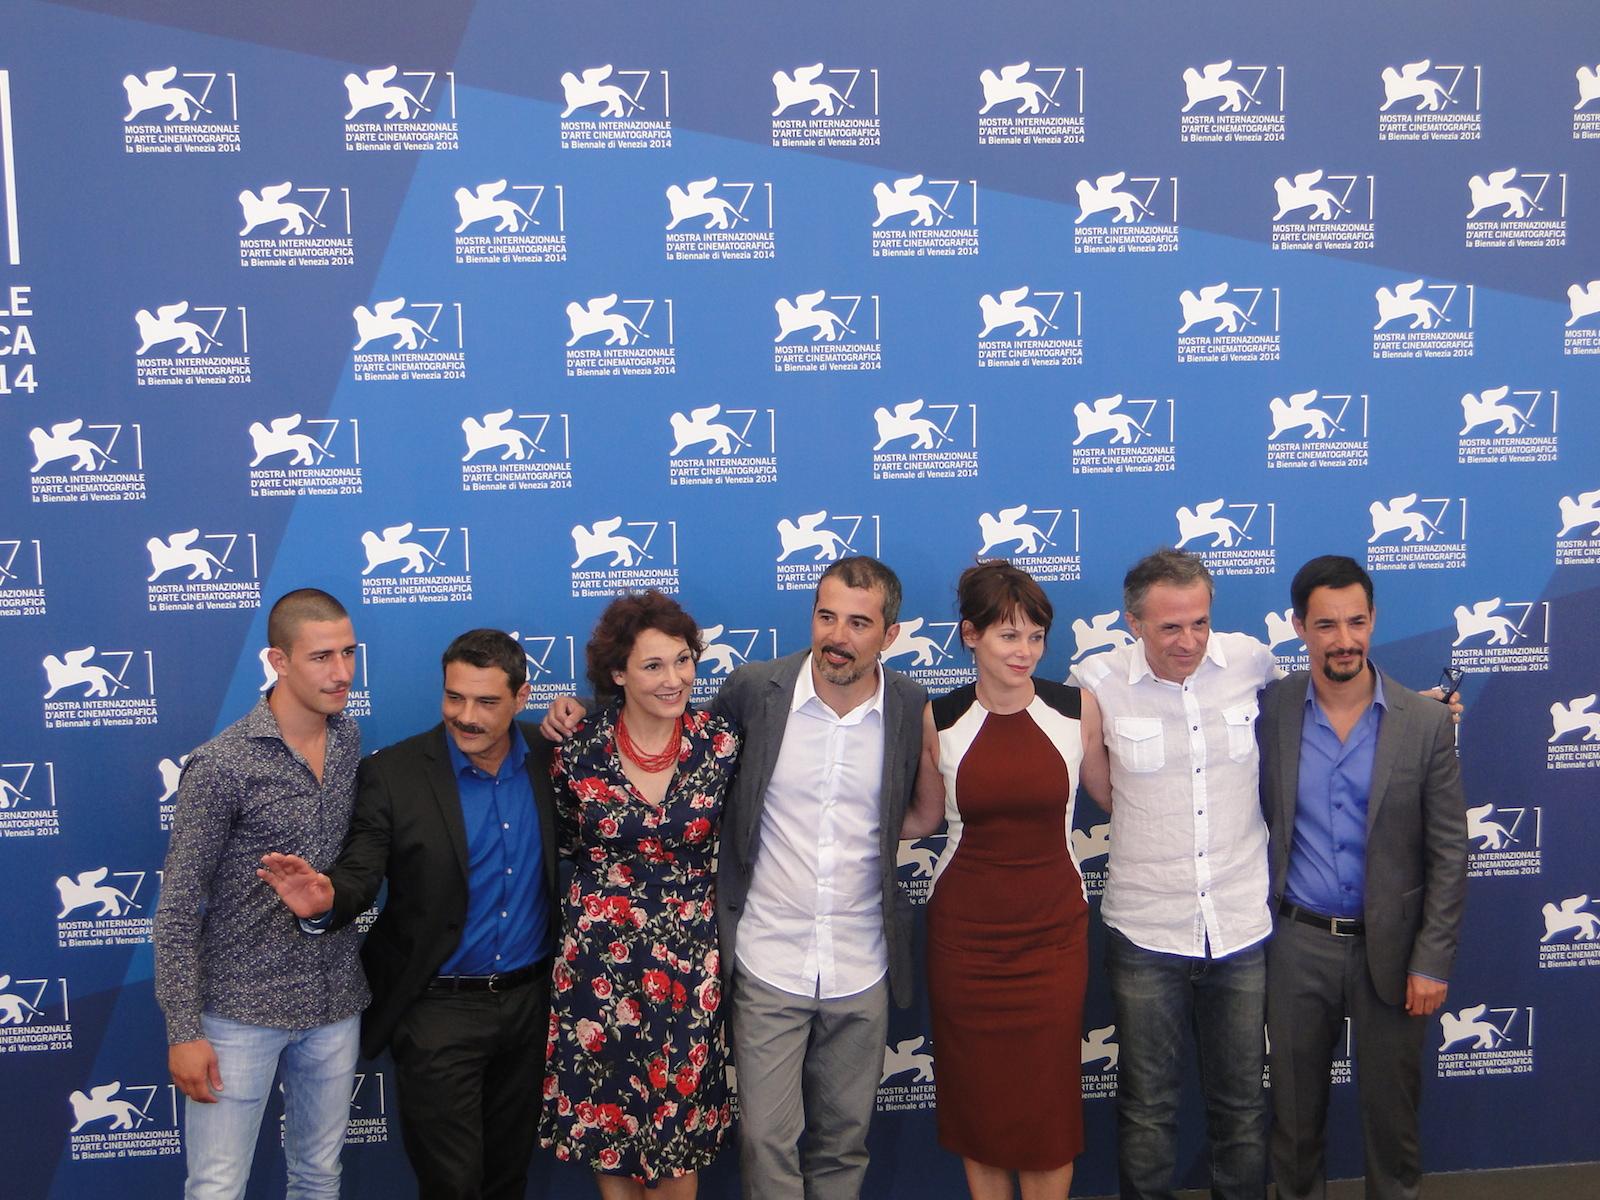 Venezia 2014: uno scatto del cast di Anime nere al photocall